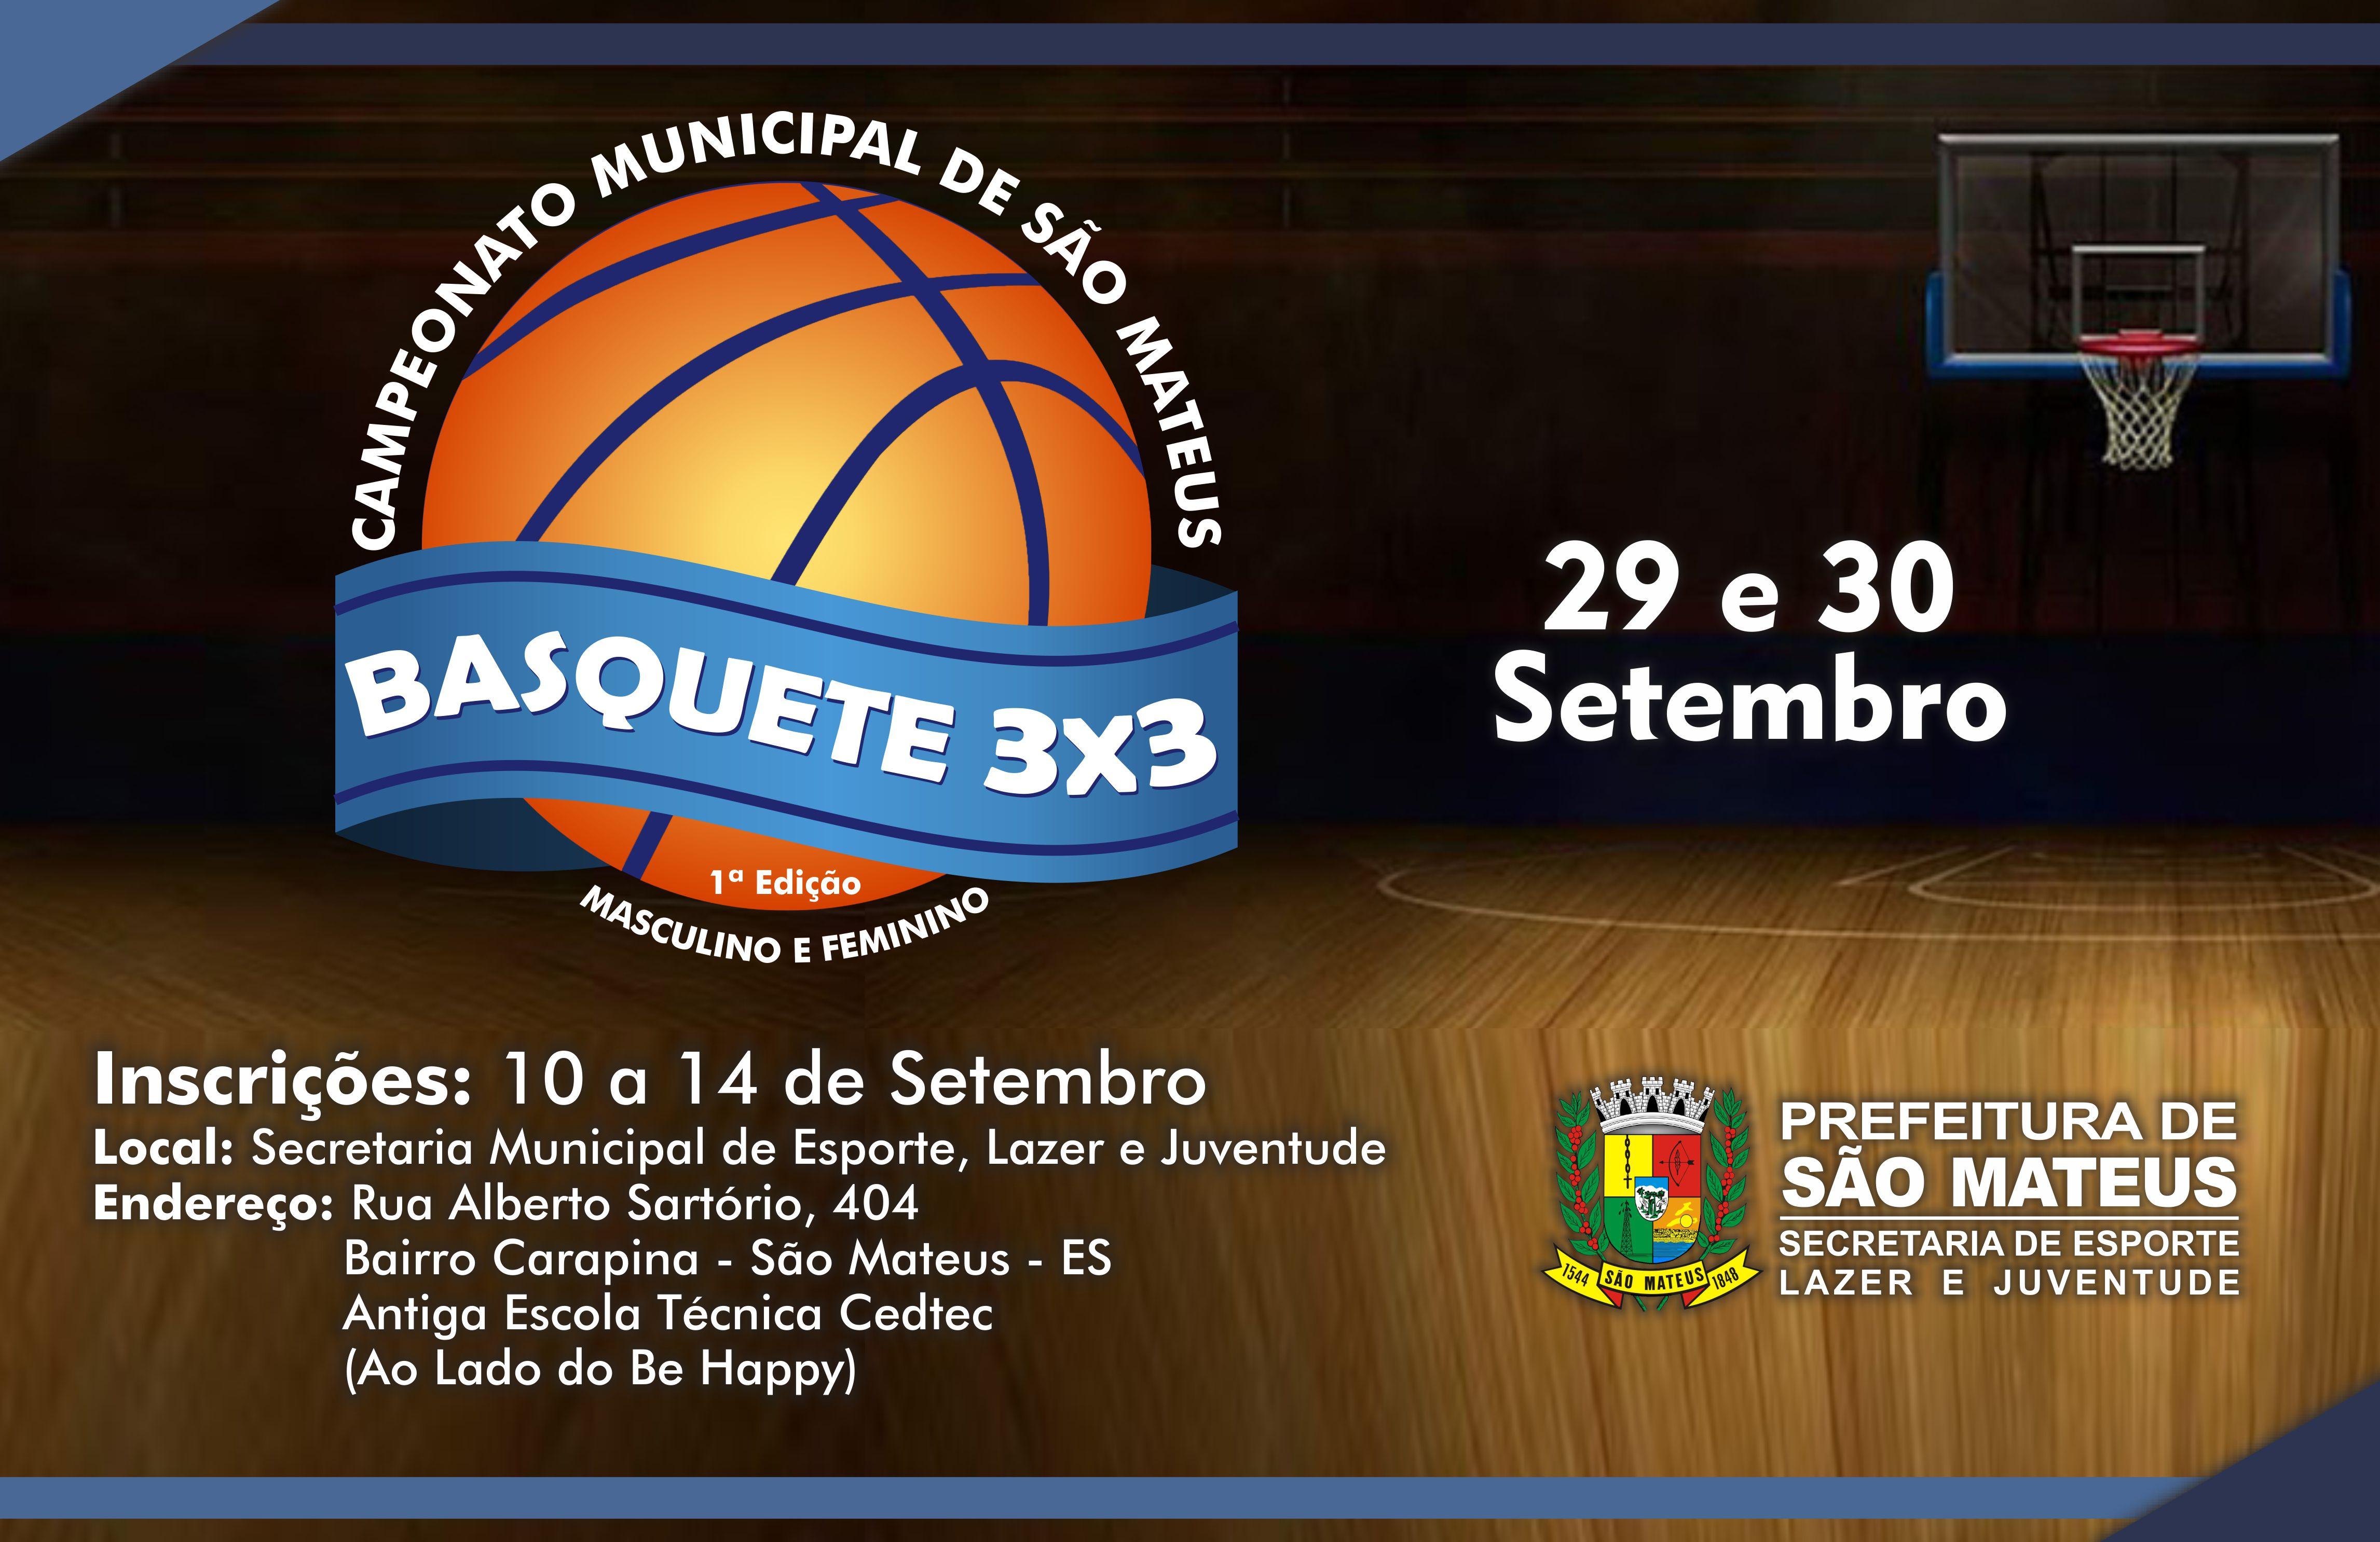 1° Campeonato Municipal de São Mateus de Basquete 3X3